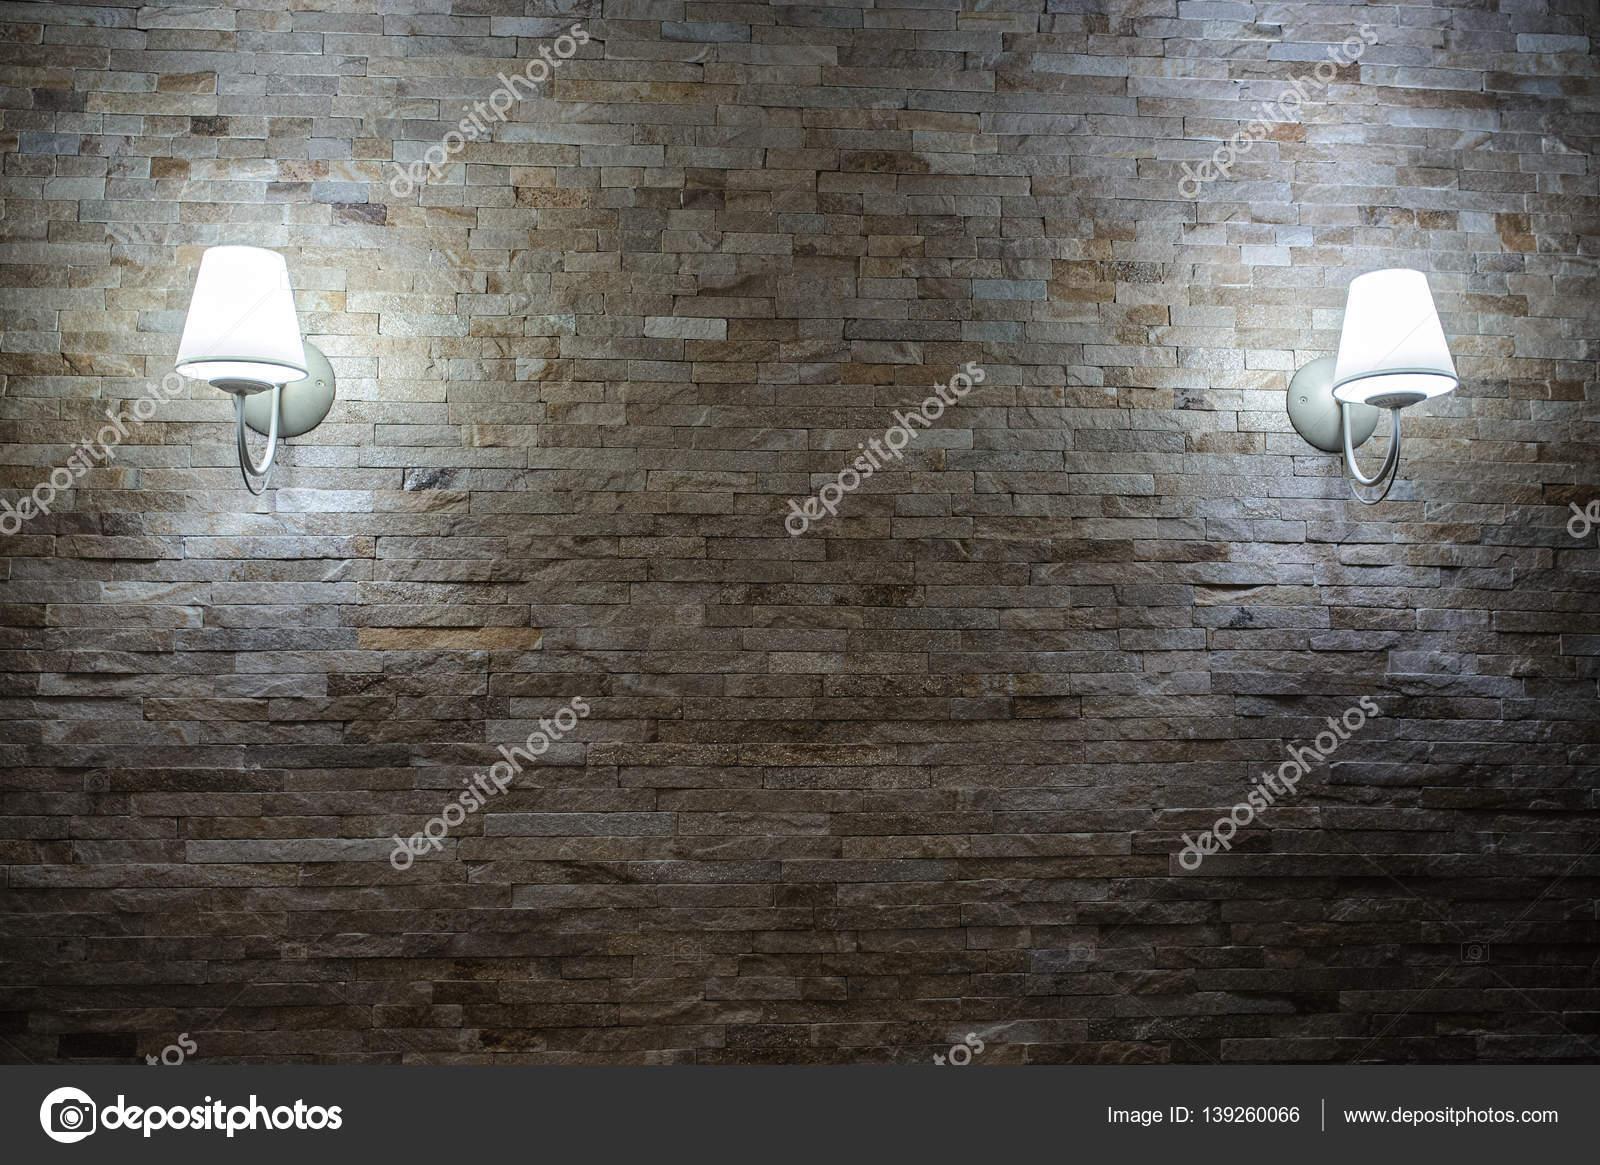 stein stein ziegel fliesen wand im alter mit lampe. Black Bedroom Furniture Sets. Home Design Ideas